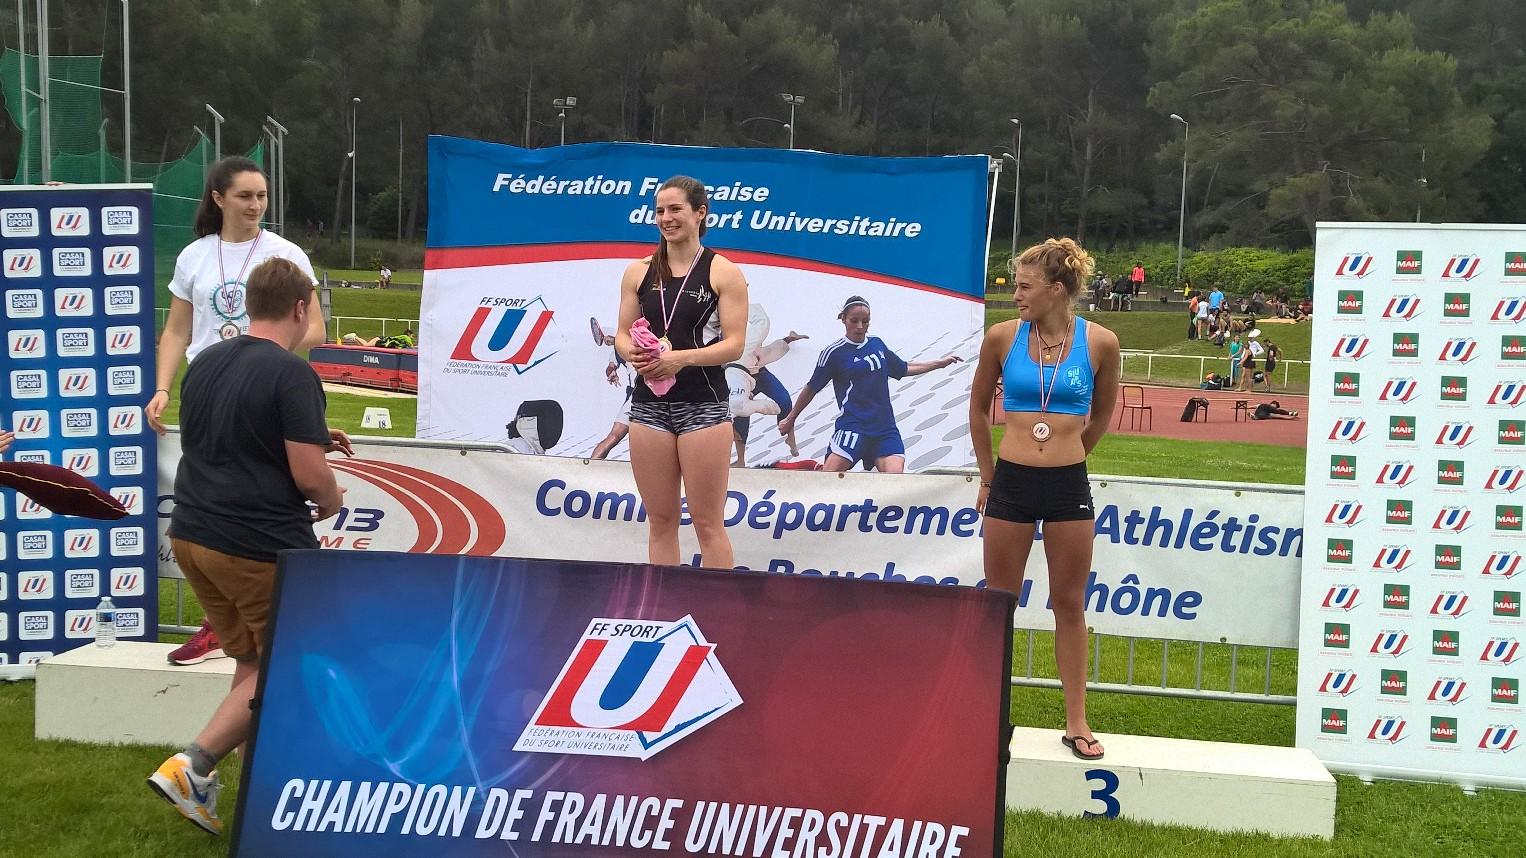 Exploit pour Adele Louis Championne de France Universitaire